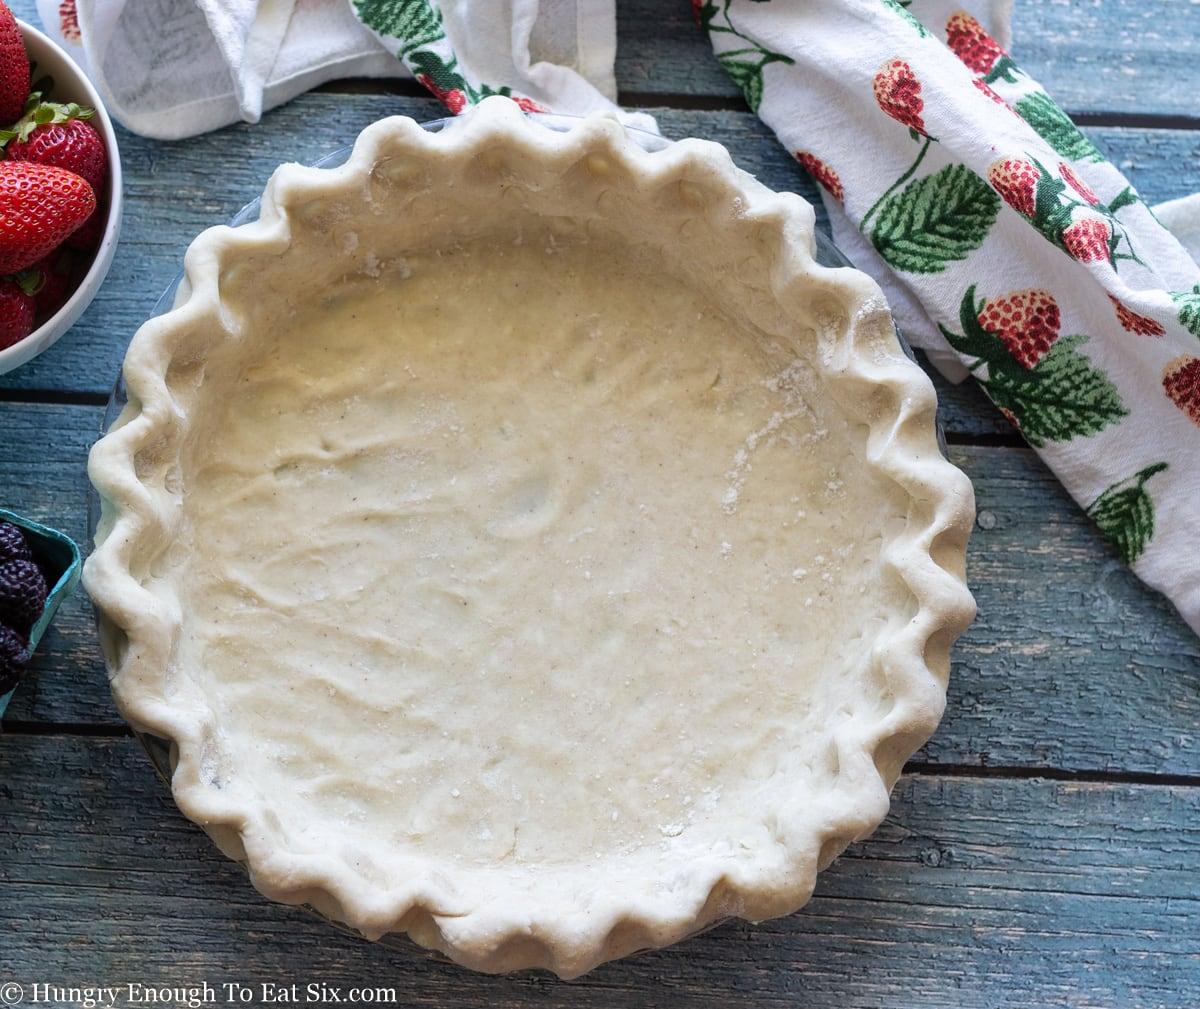 Crimped pie dough in a pie plate.